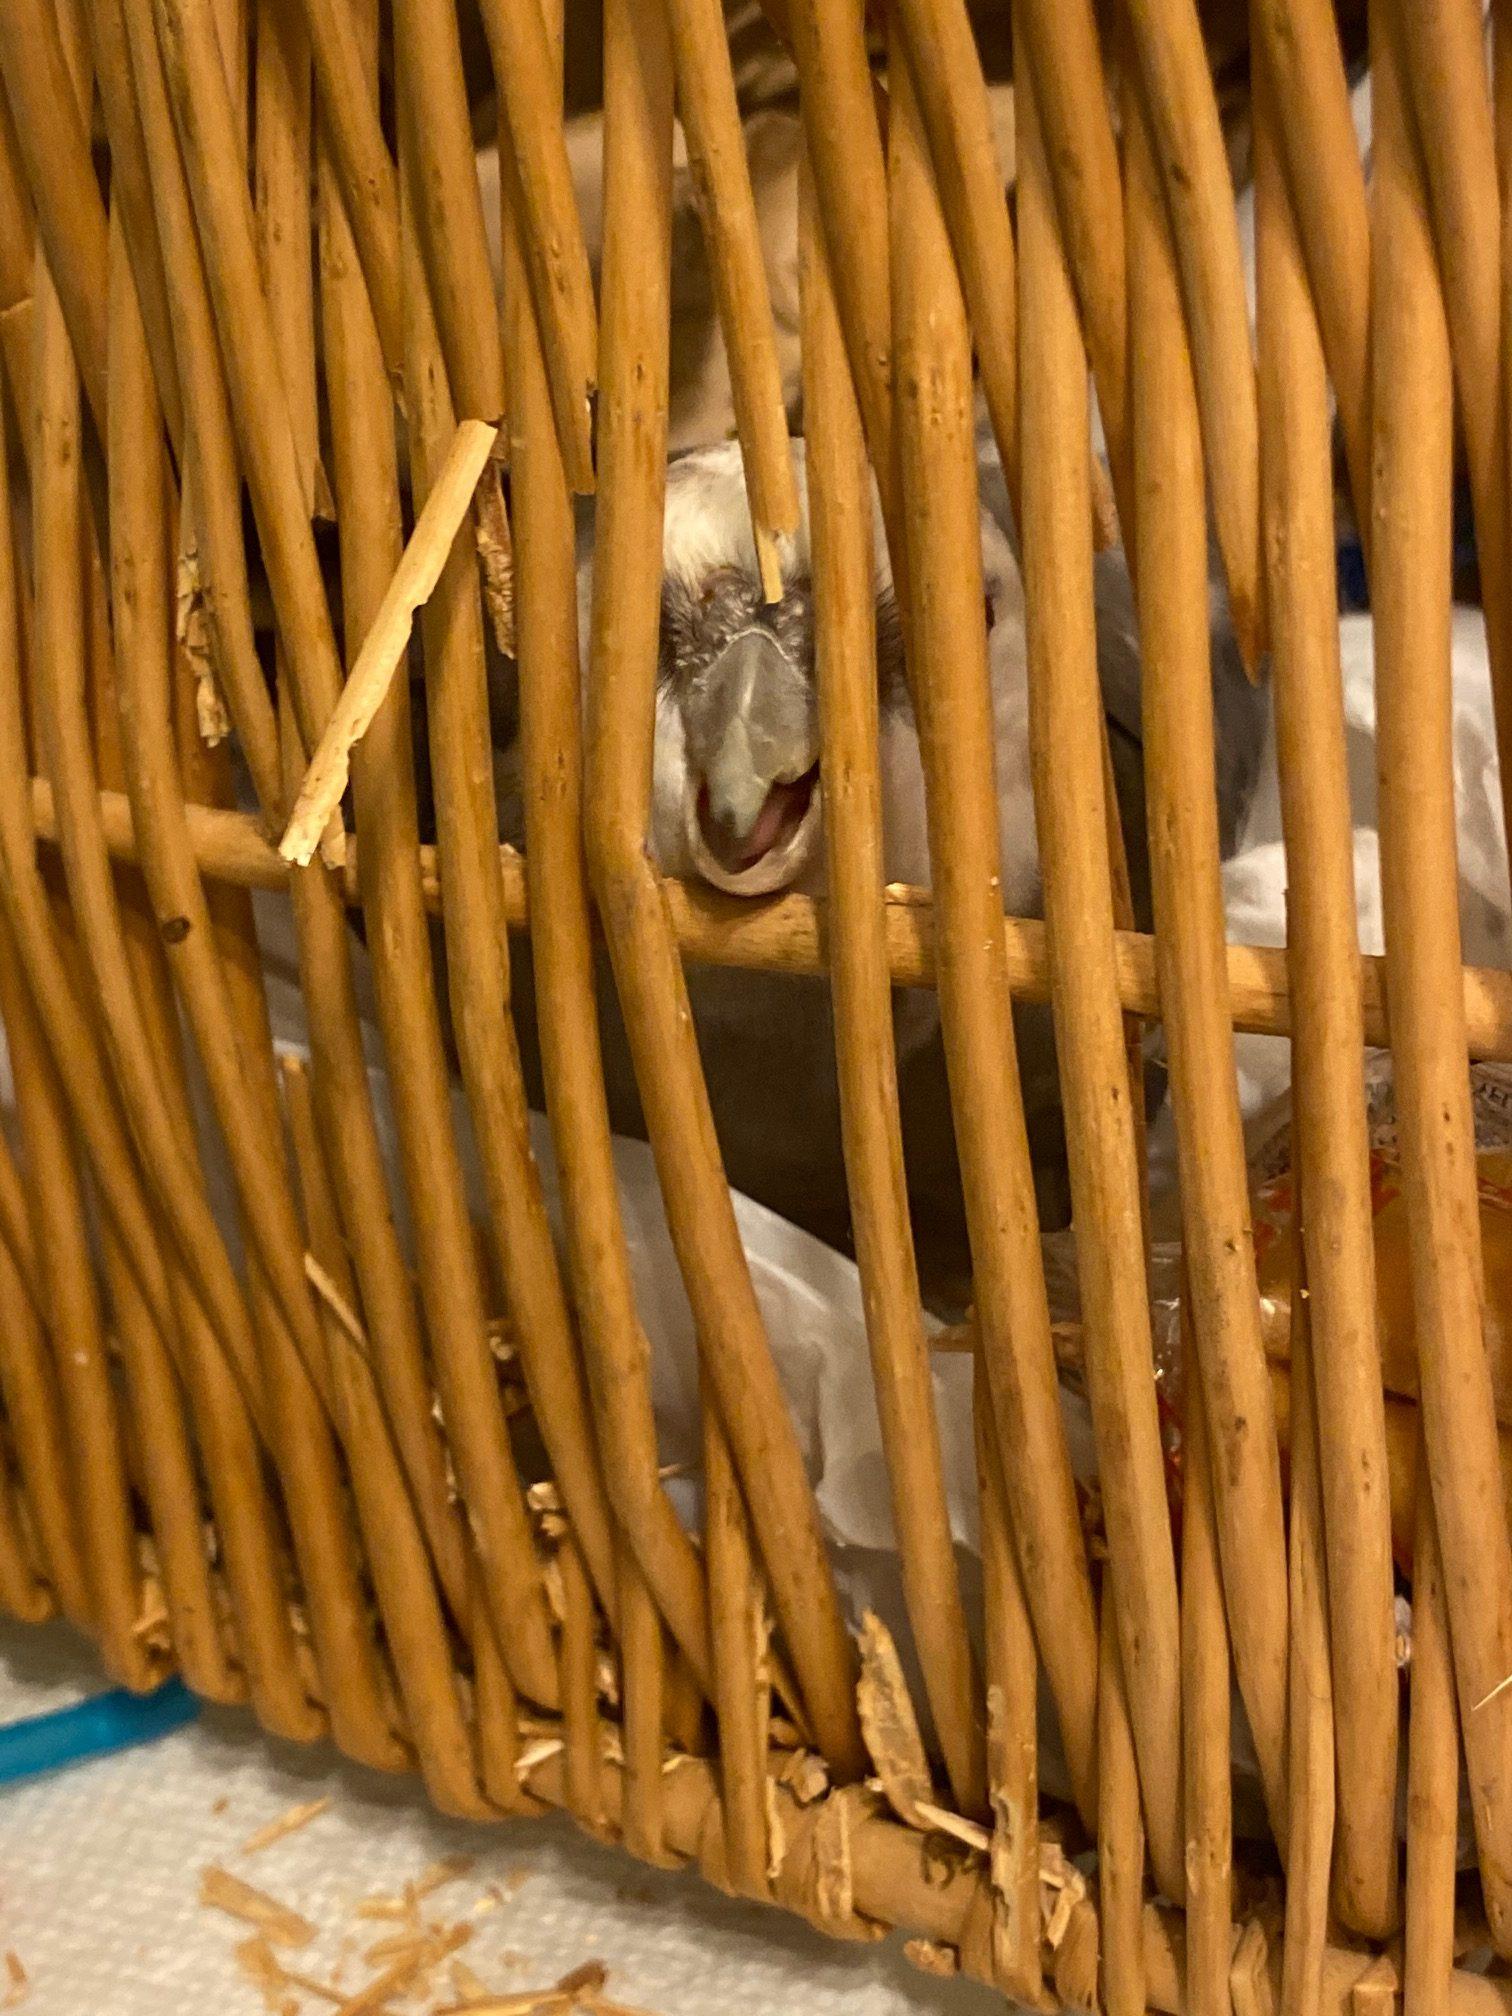 cockatiel nests in wicker basket